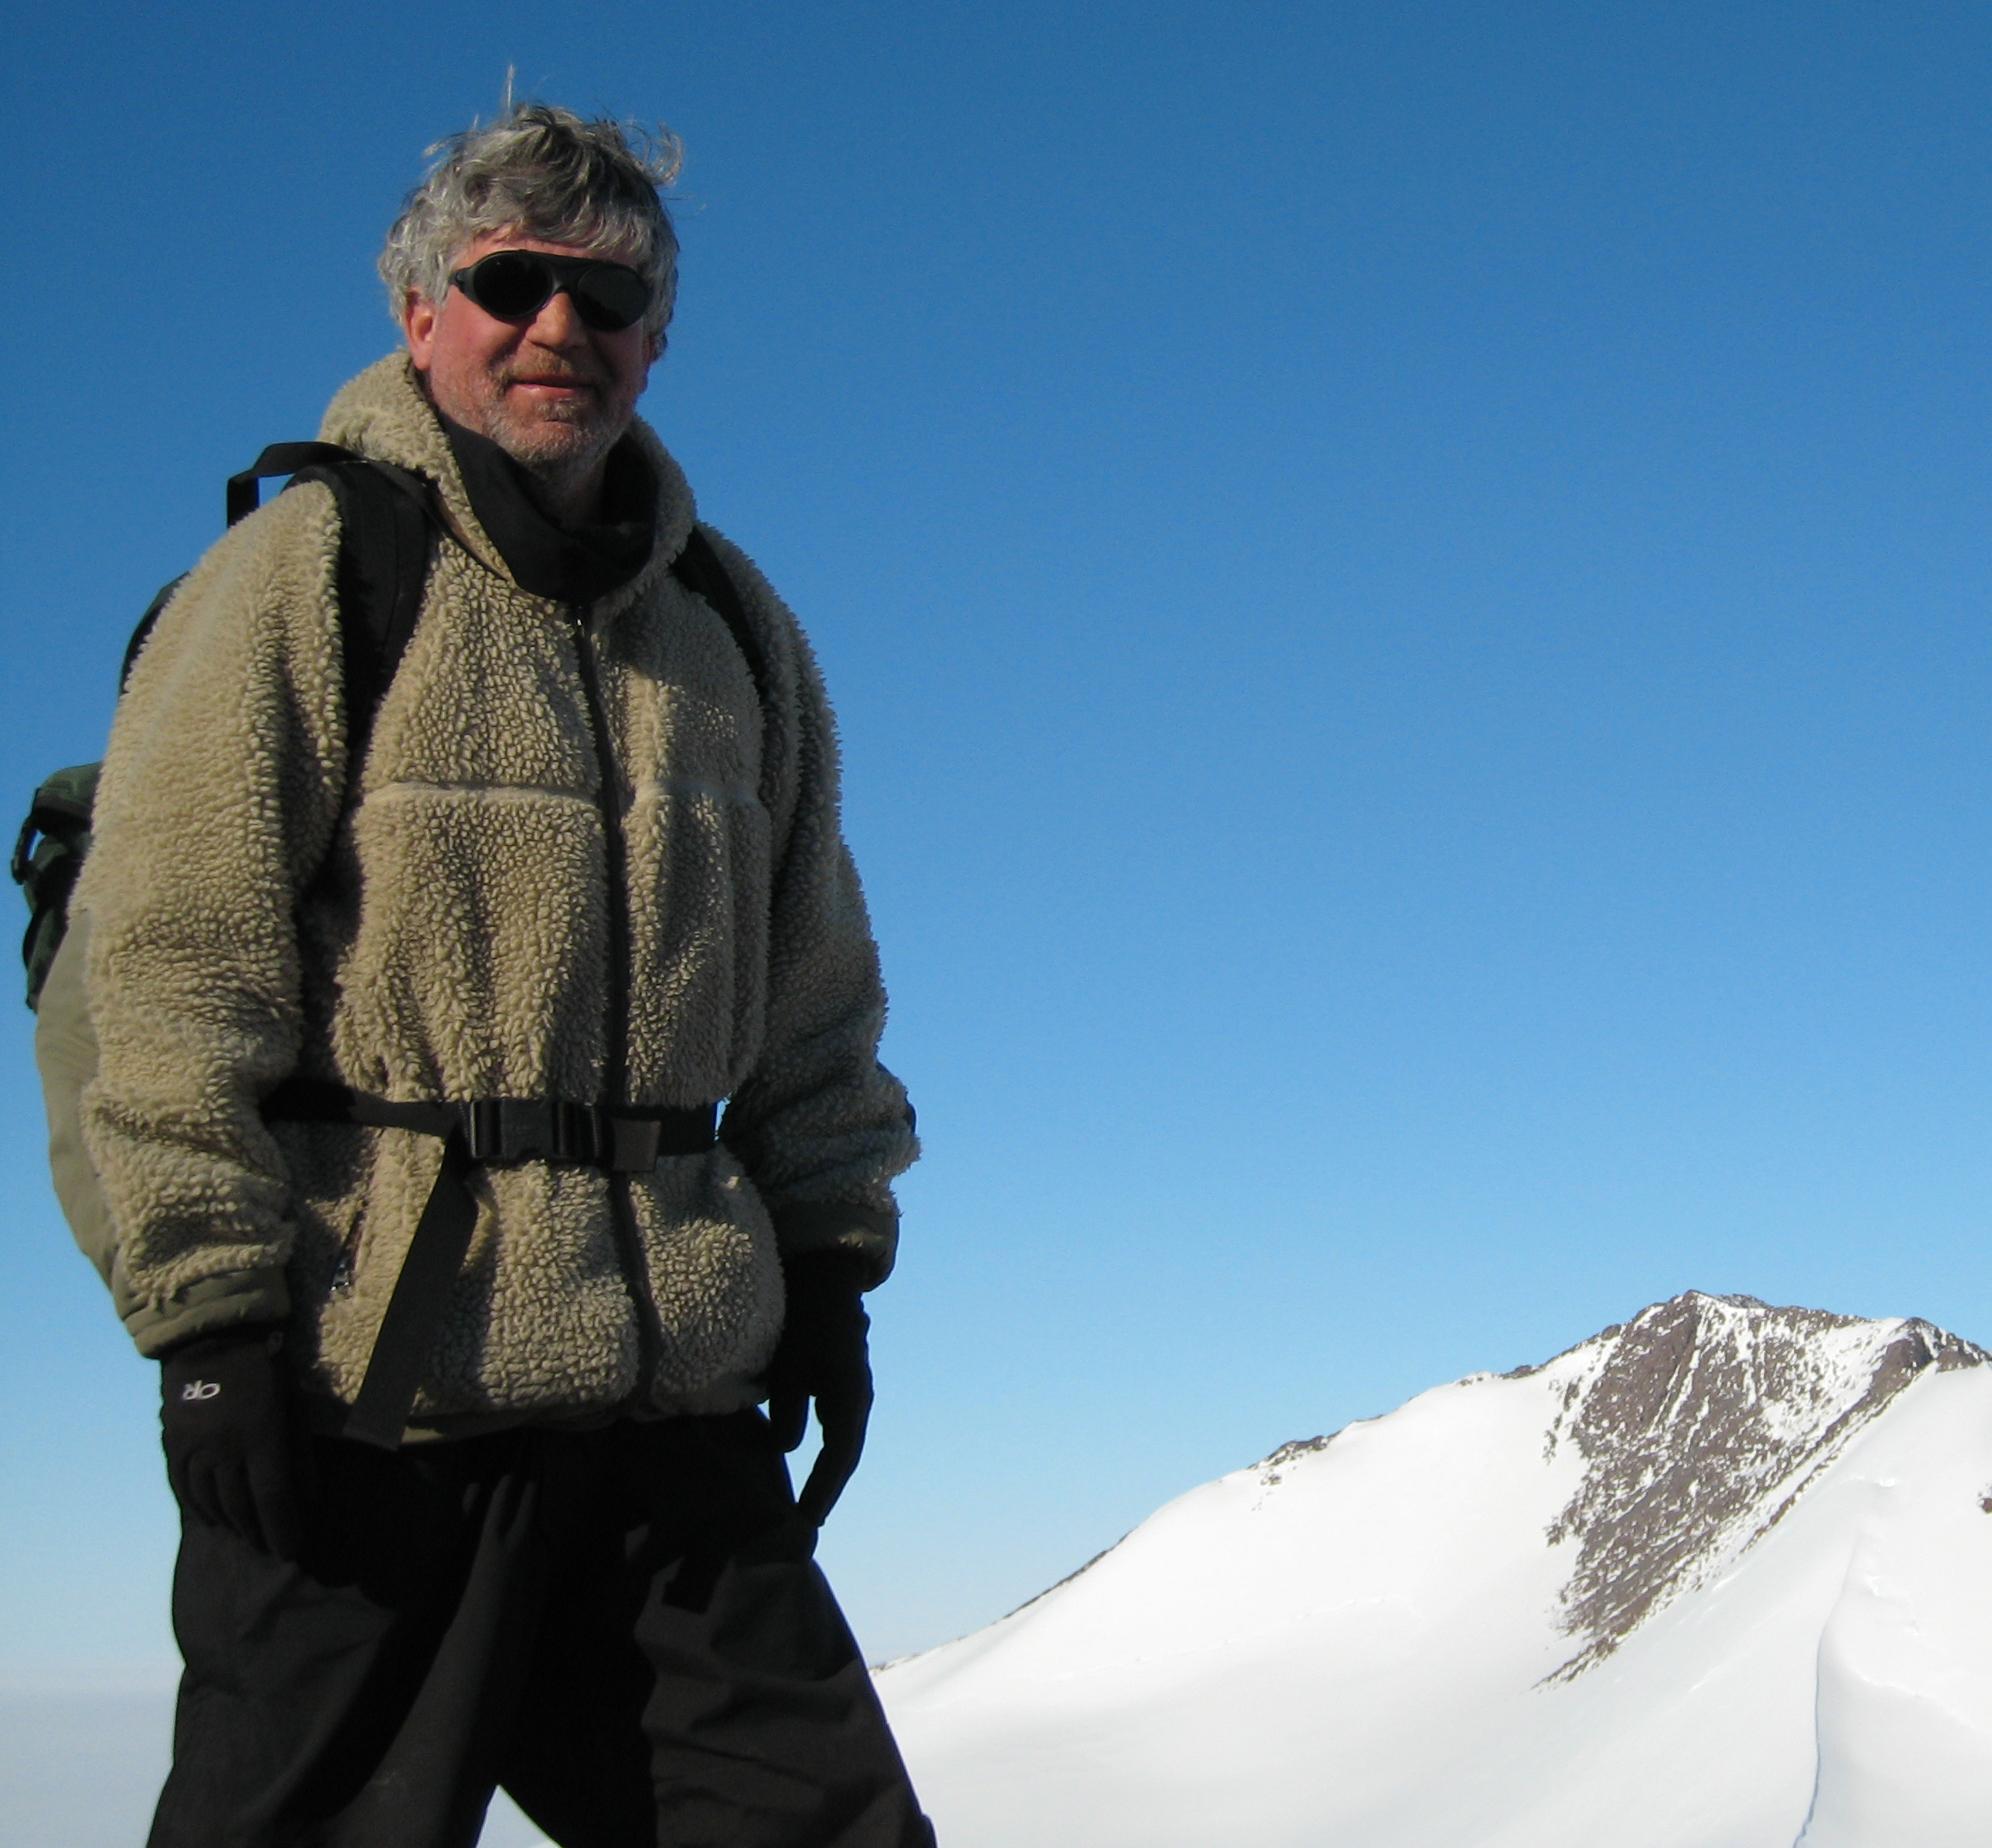 Mike Antarctica2.jpg